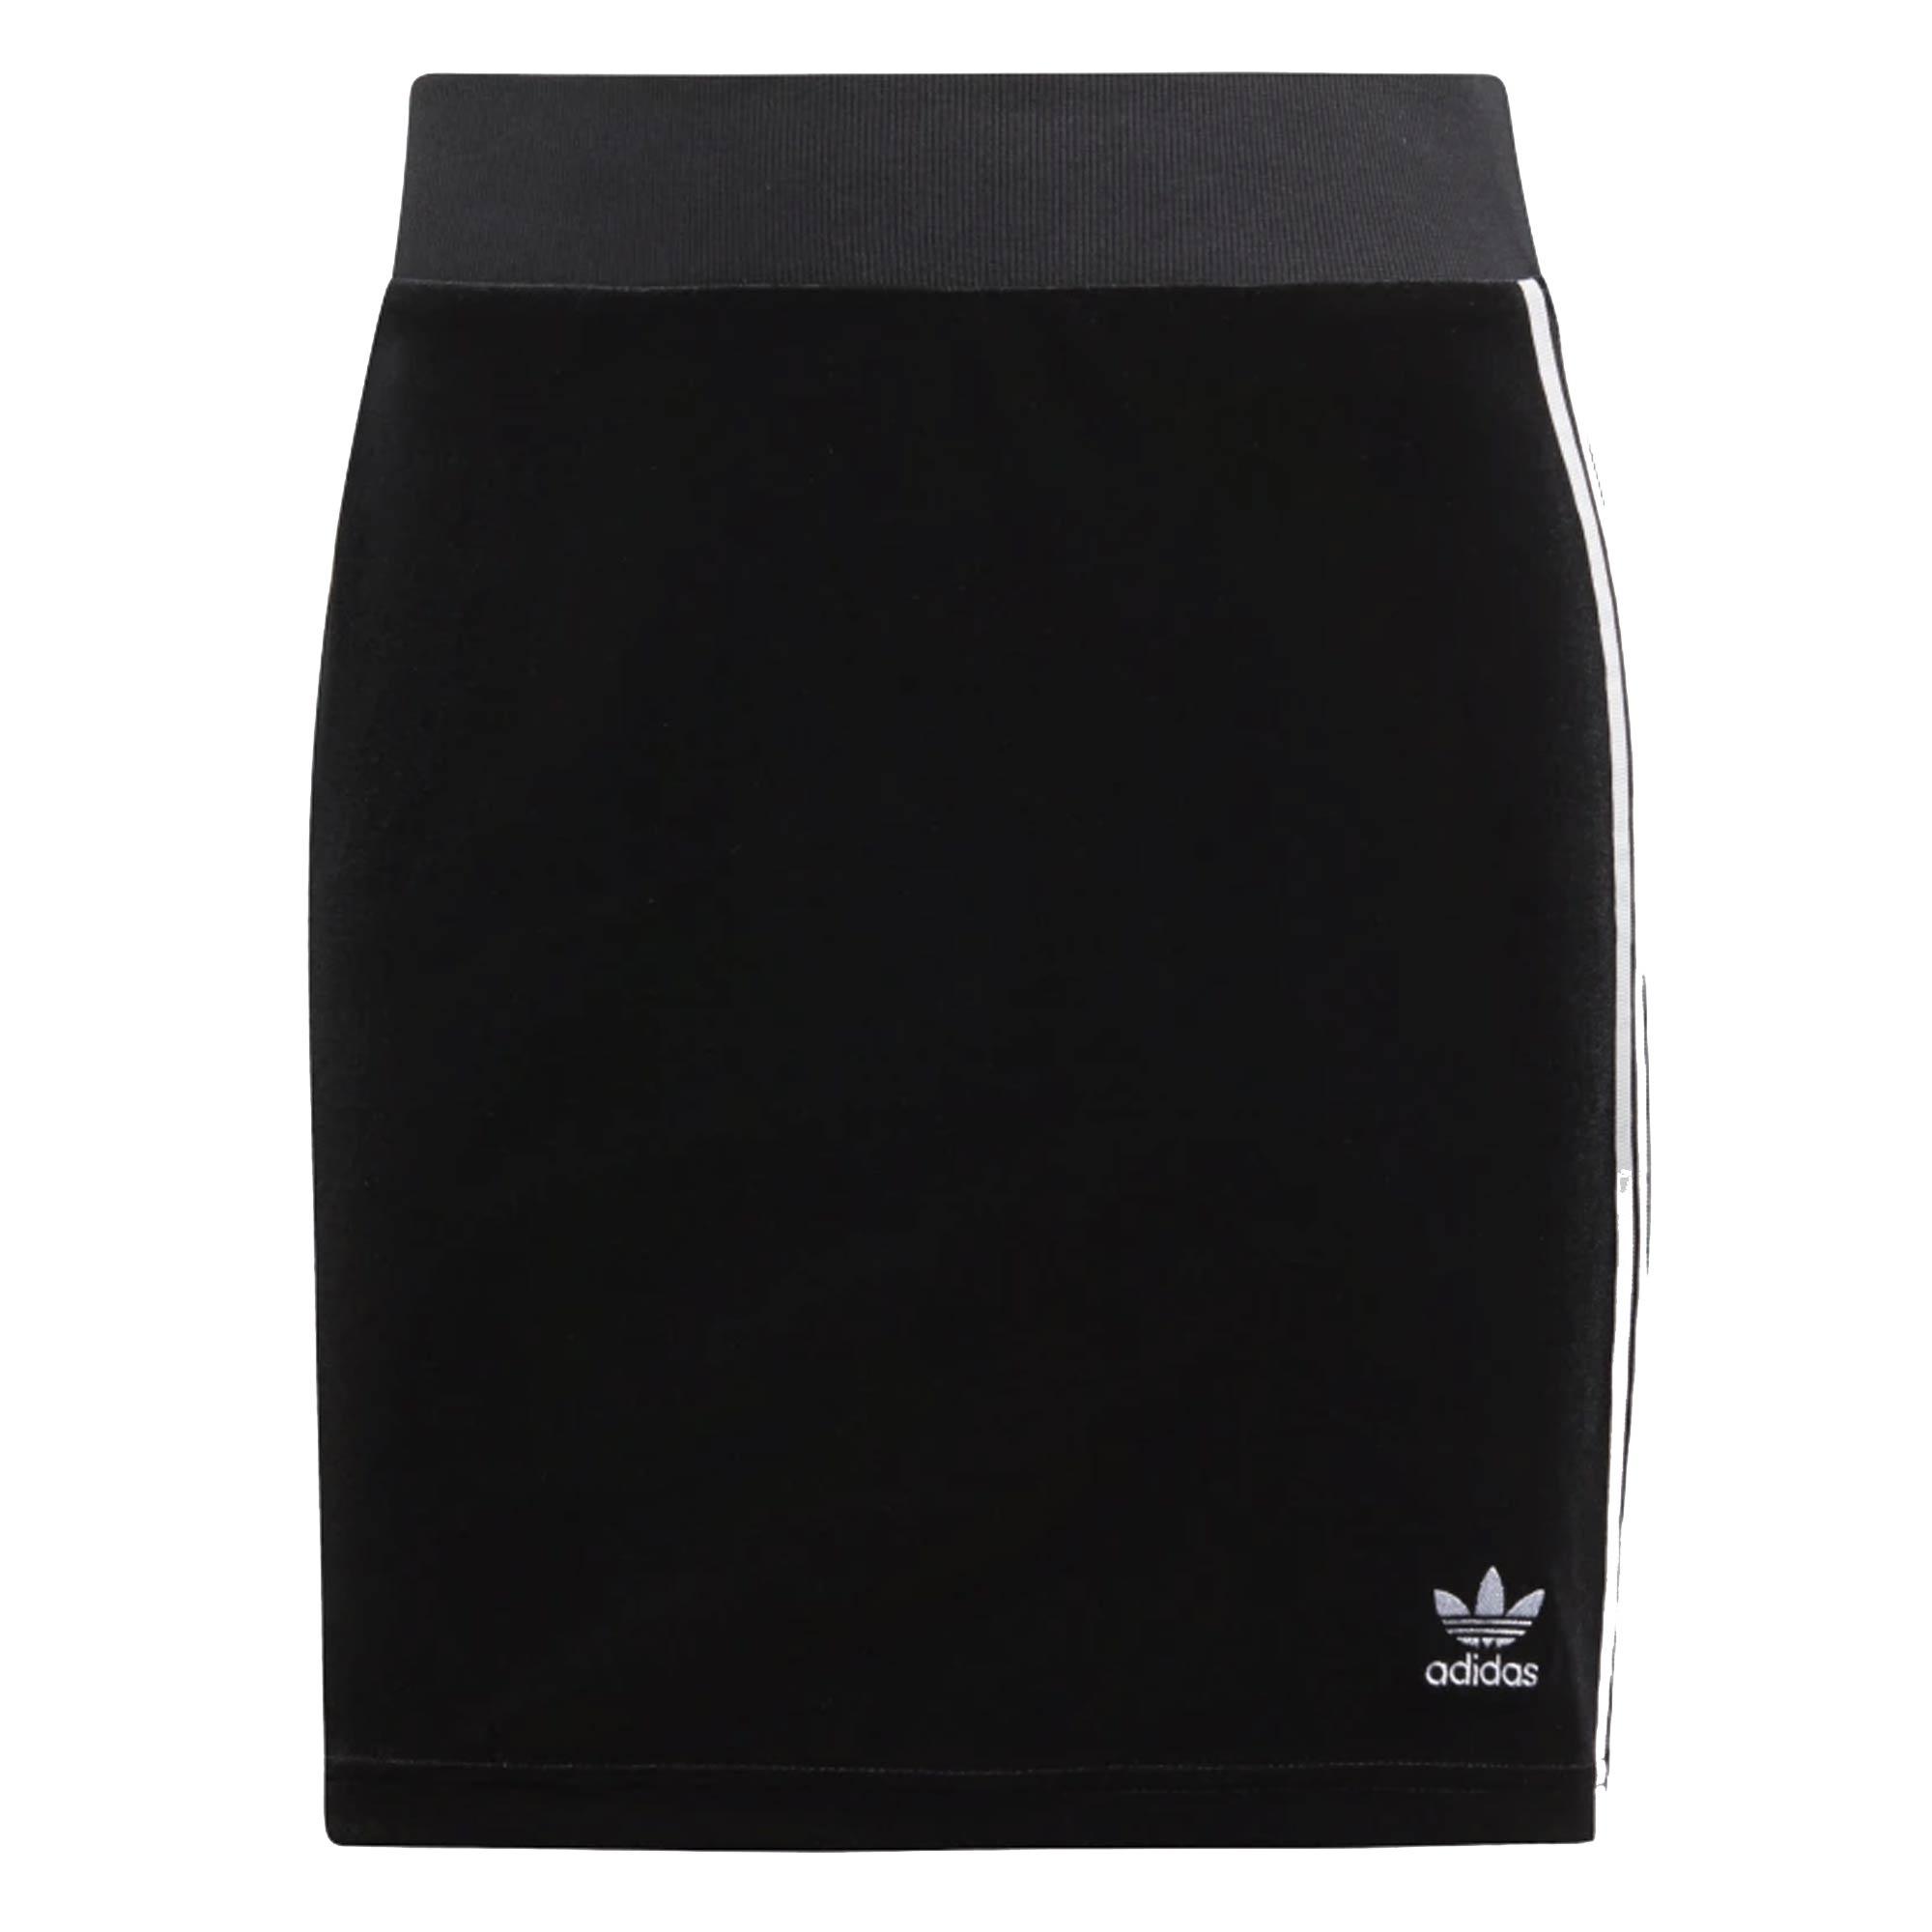 Image of 3-Stripes Skirt - Black